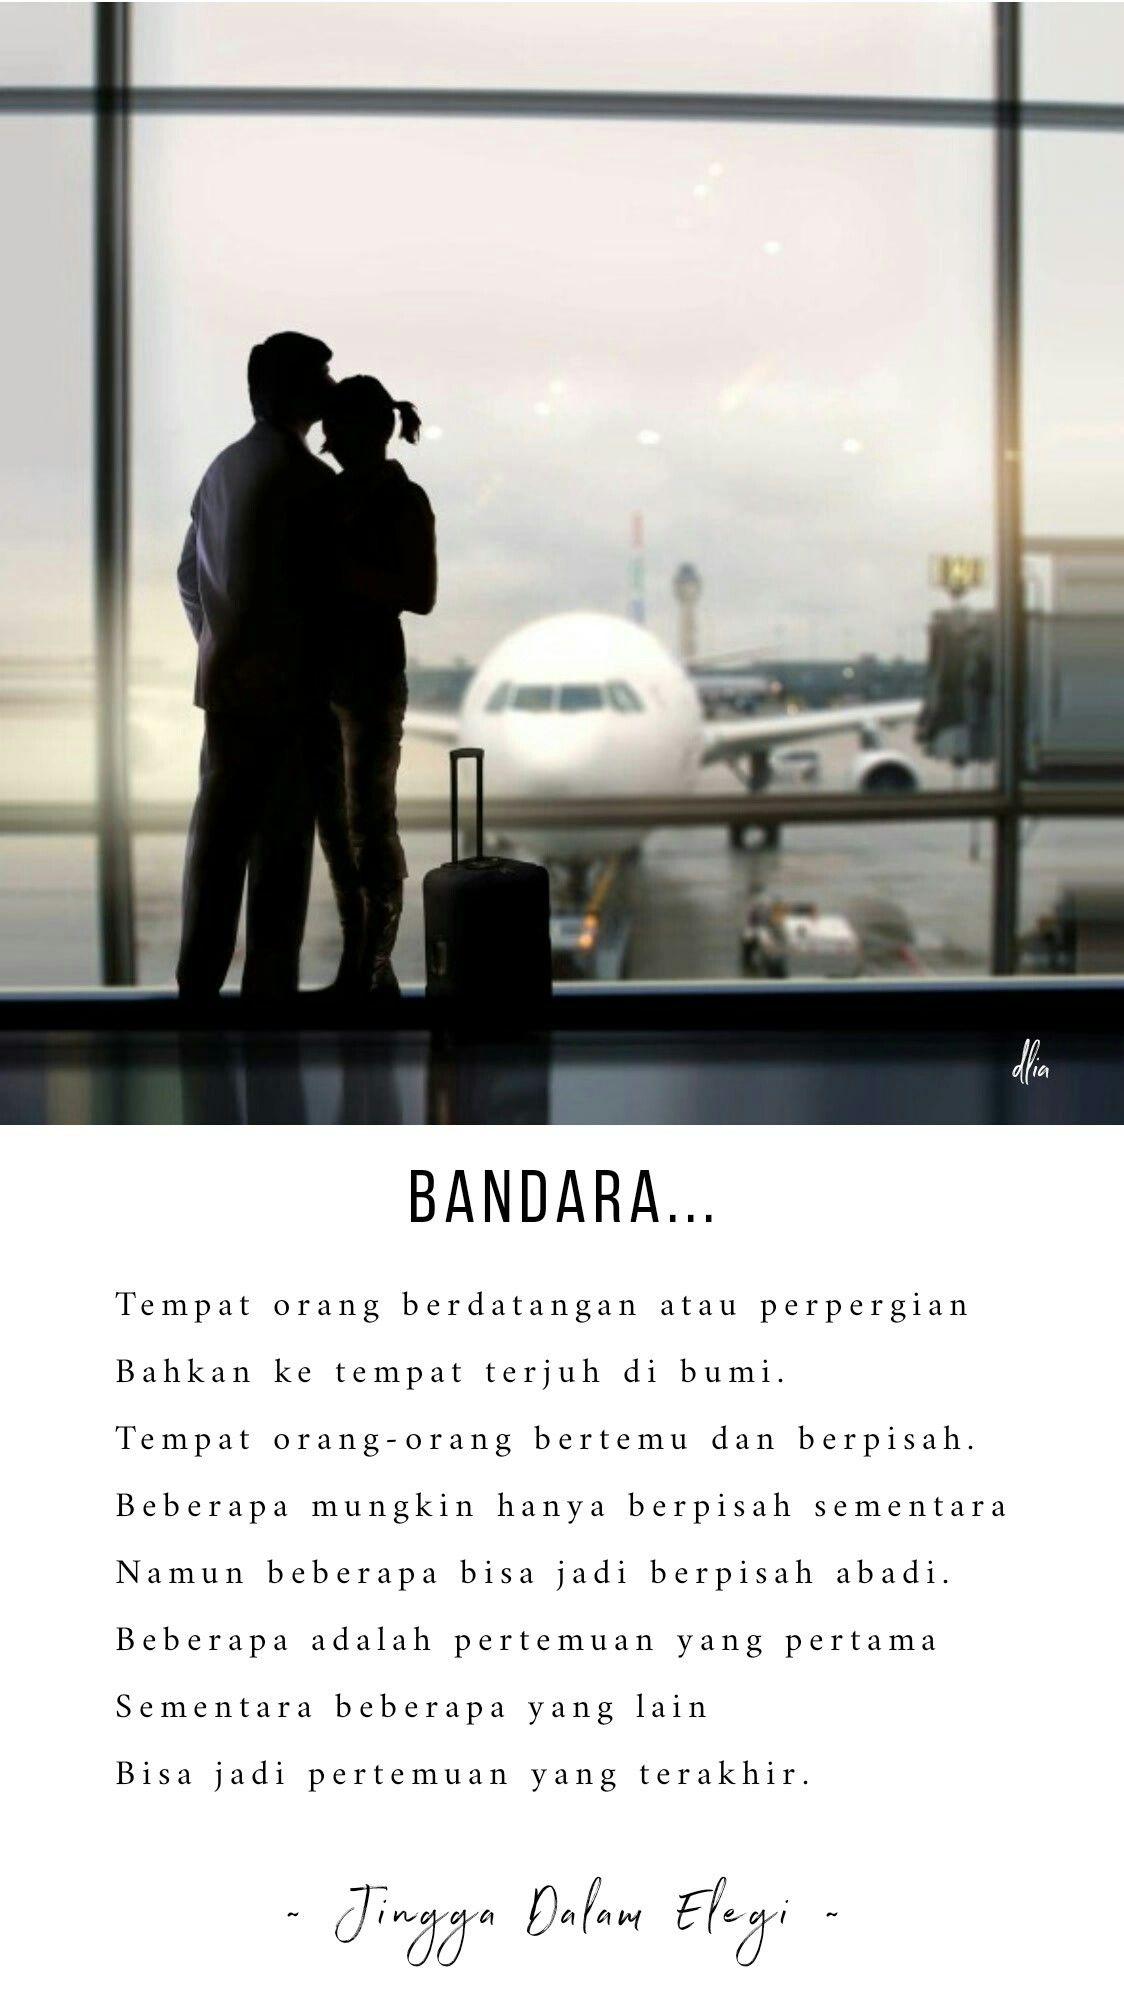 Bandara Sebuah Tempat Dimana Pertemuan Dan Perpisahan Terjadi